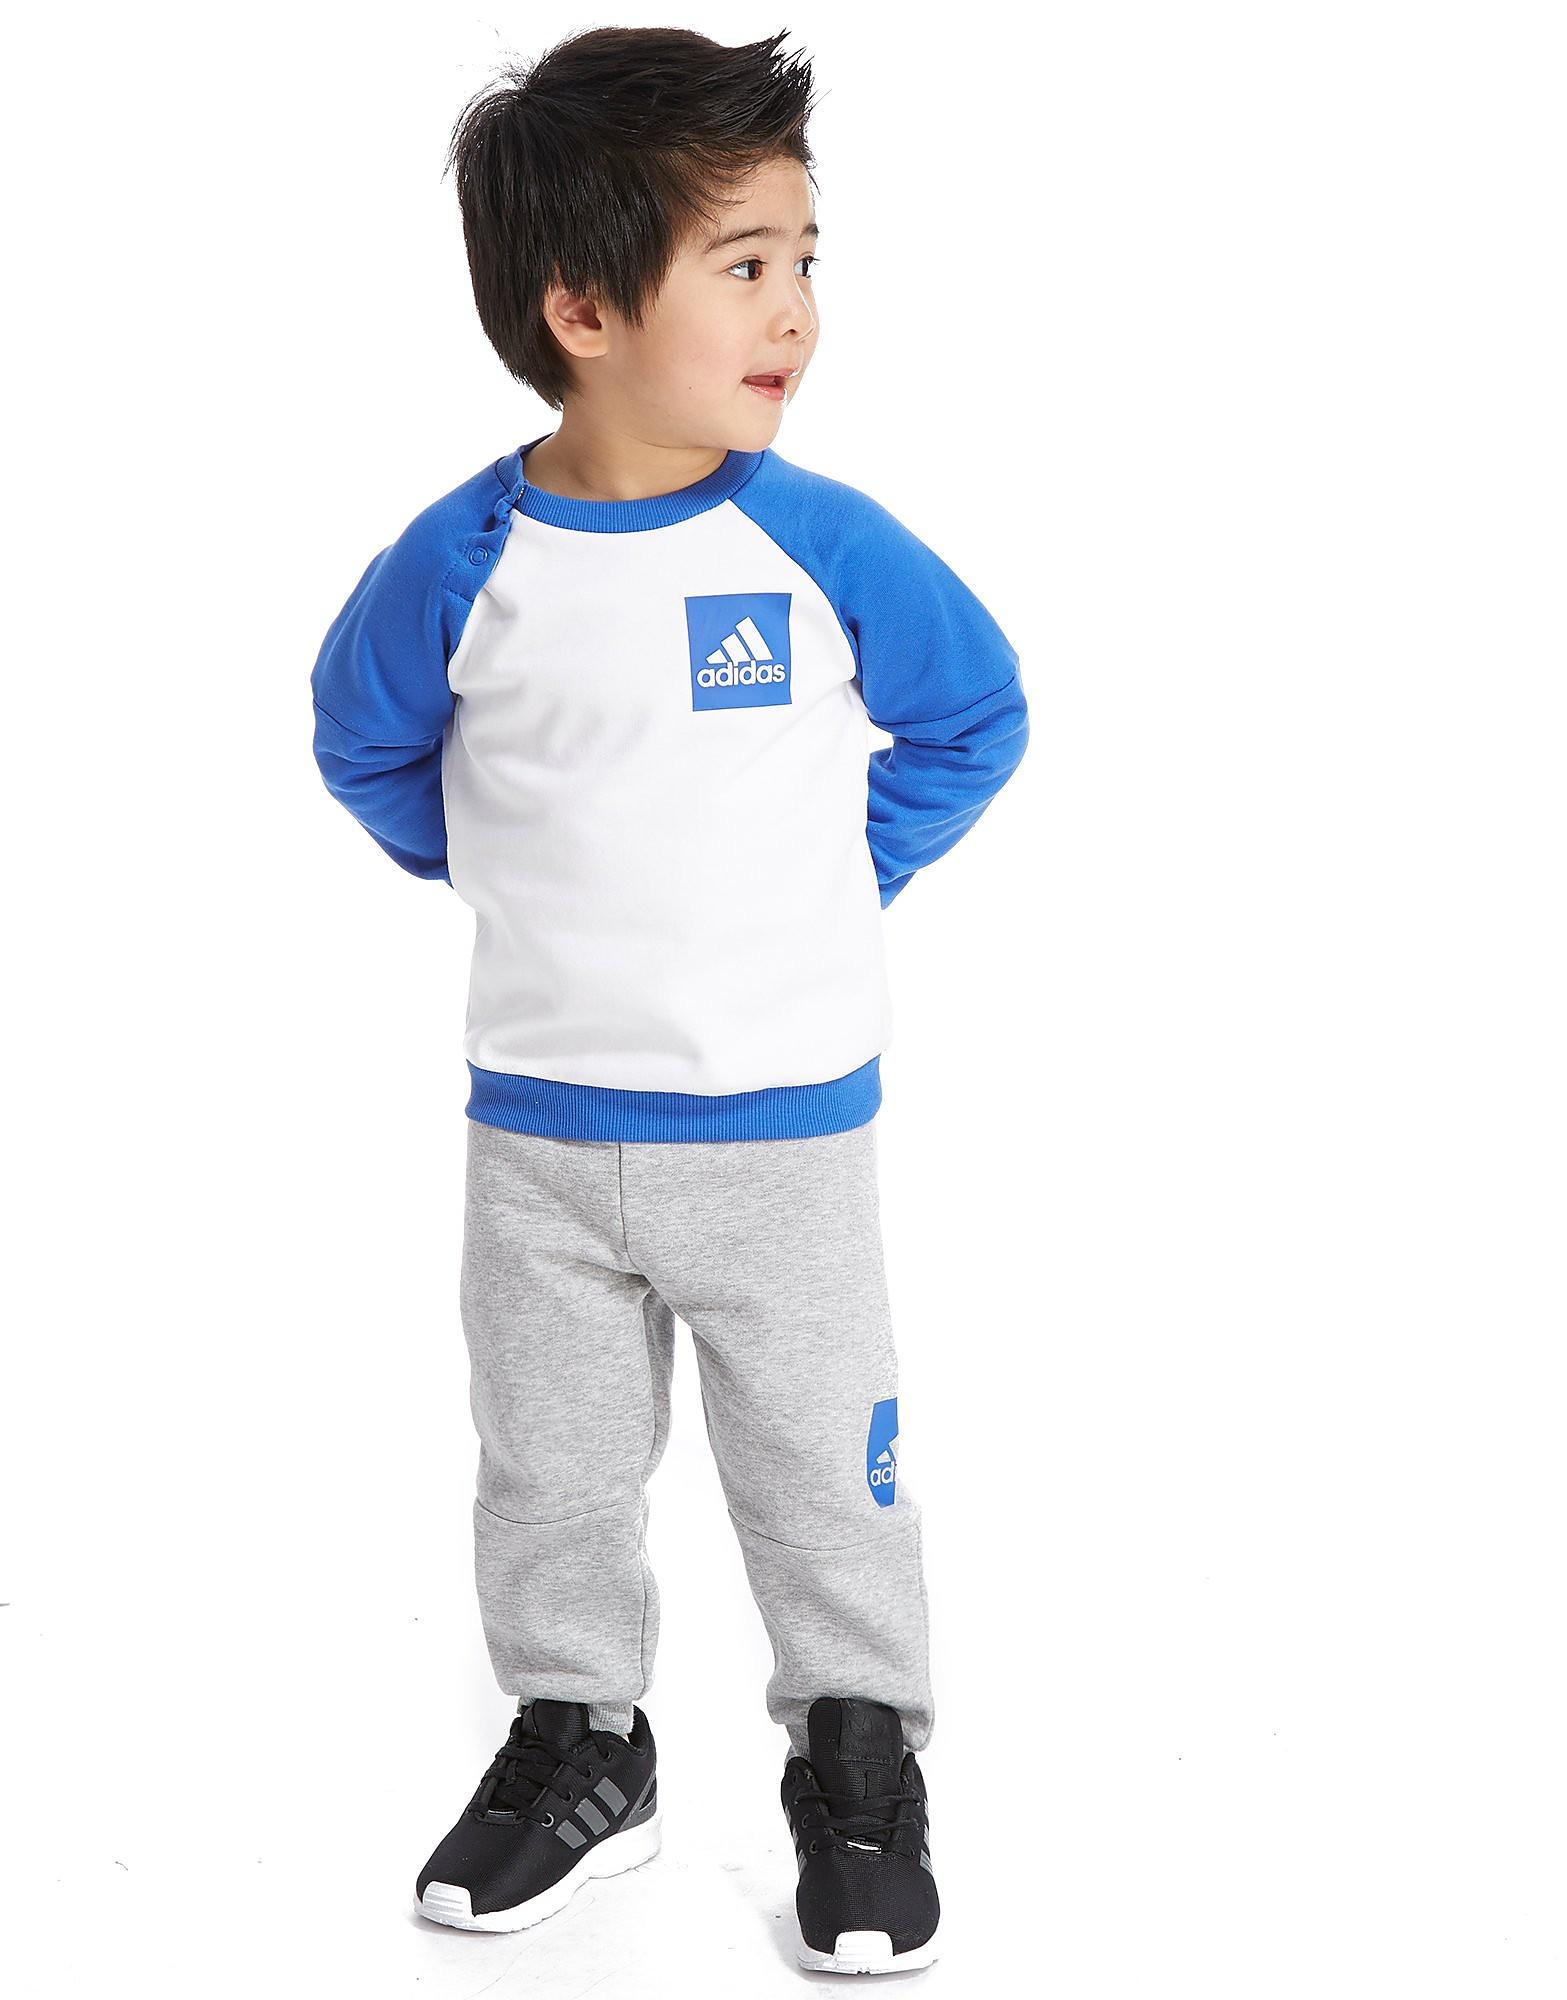 adidas Essential Crew Suit Infant